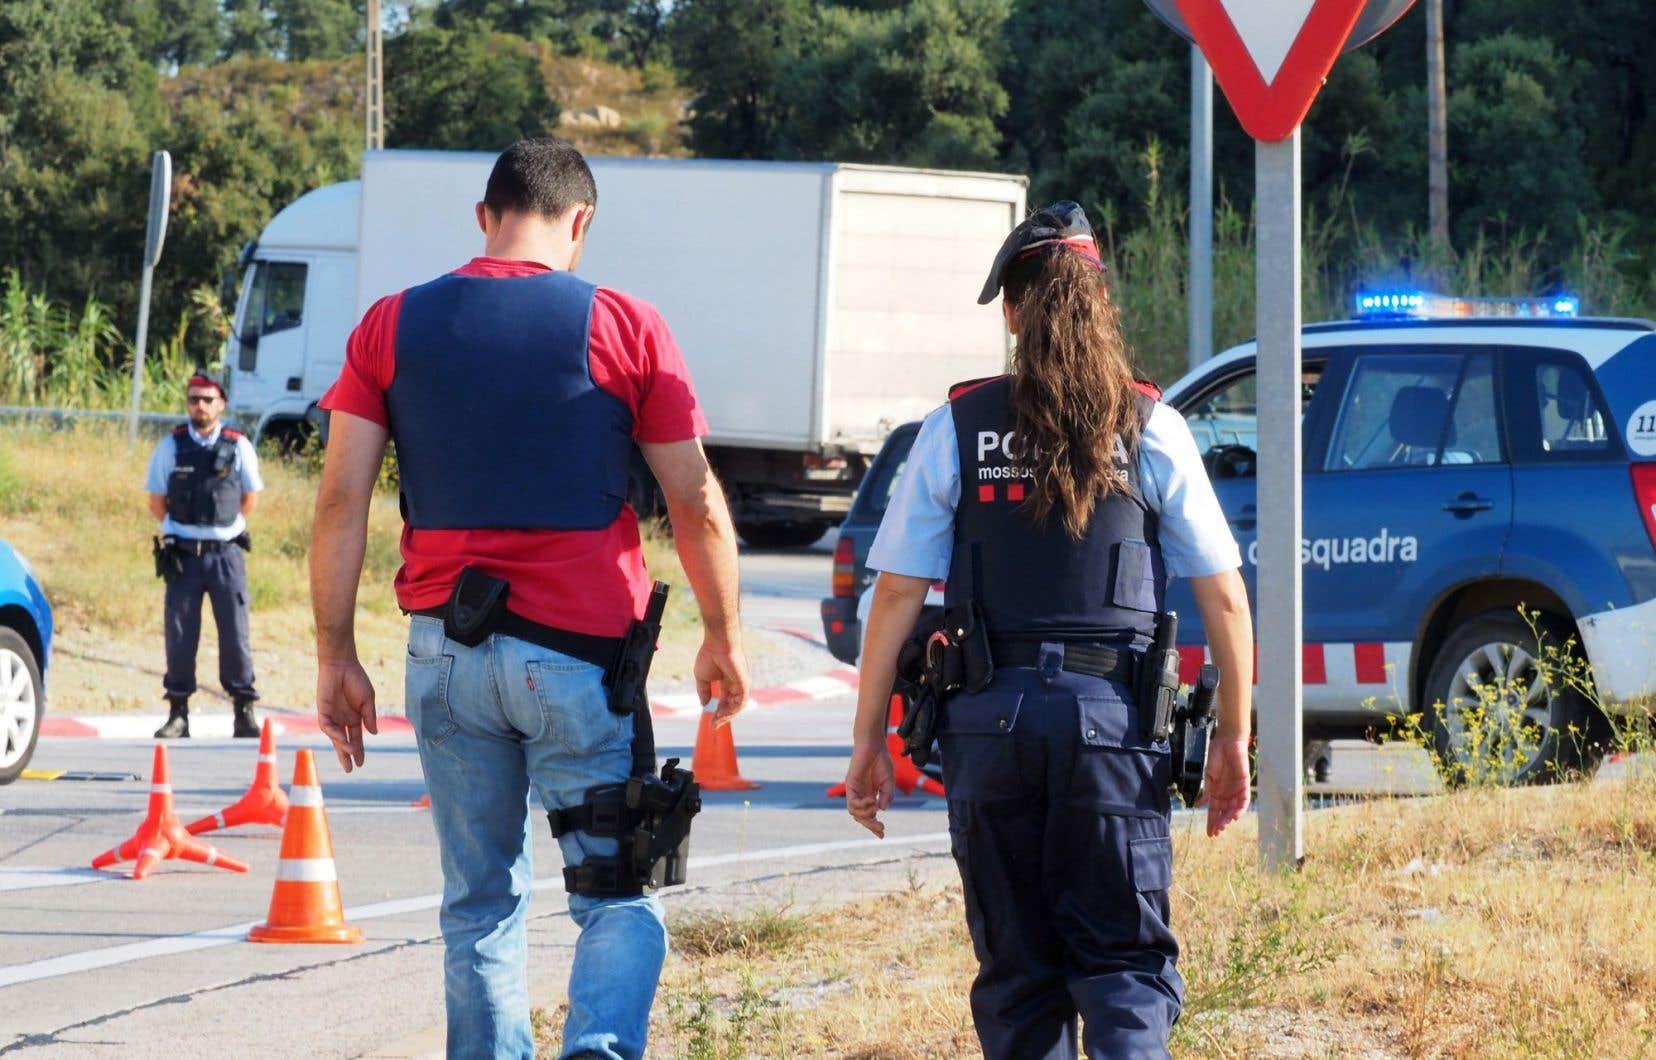 Des policiers espagnols contrôlent les véhicules à la frontière entre l'Espagne et la France.